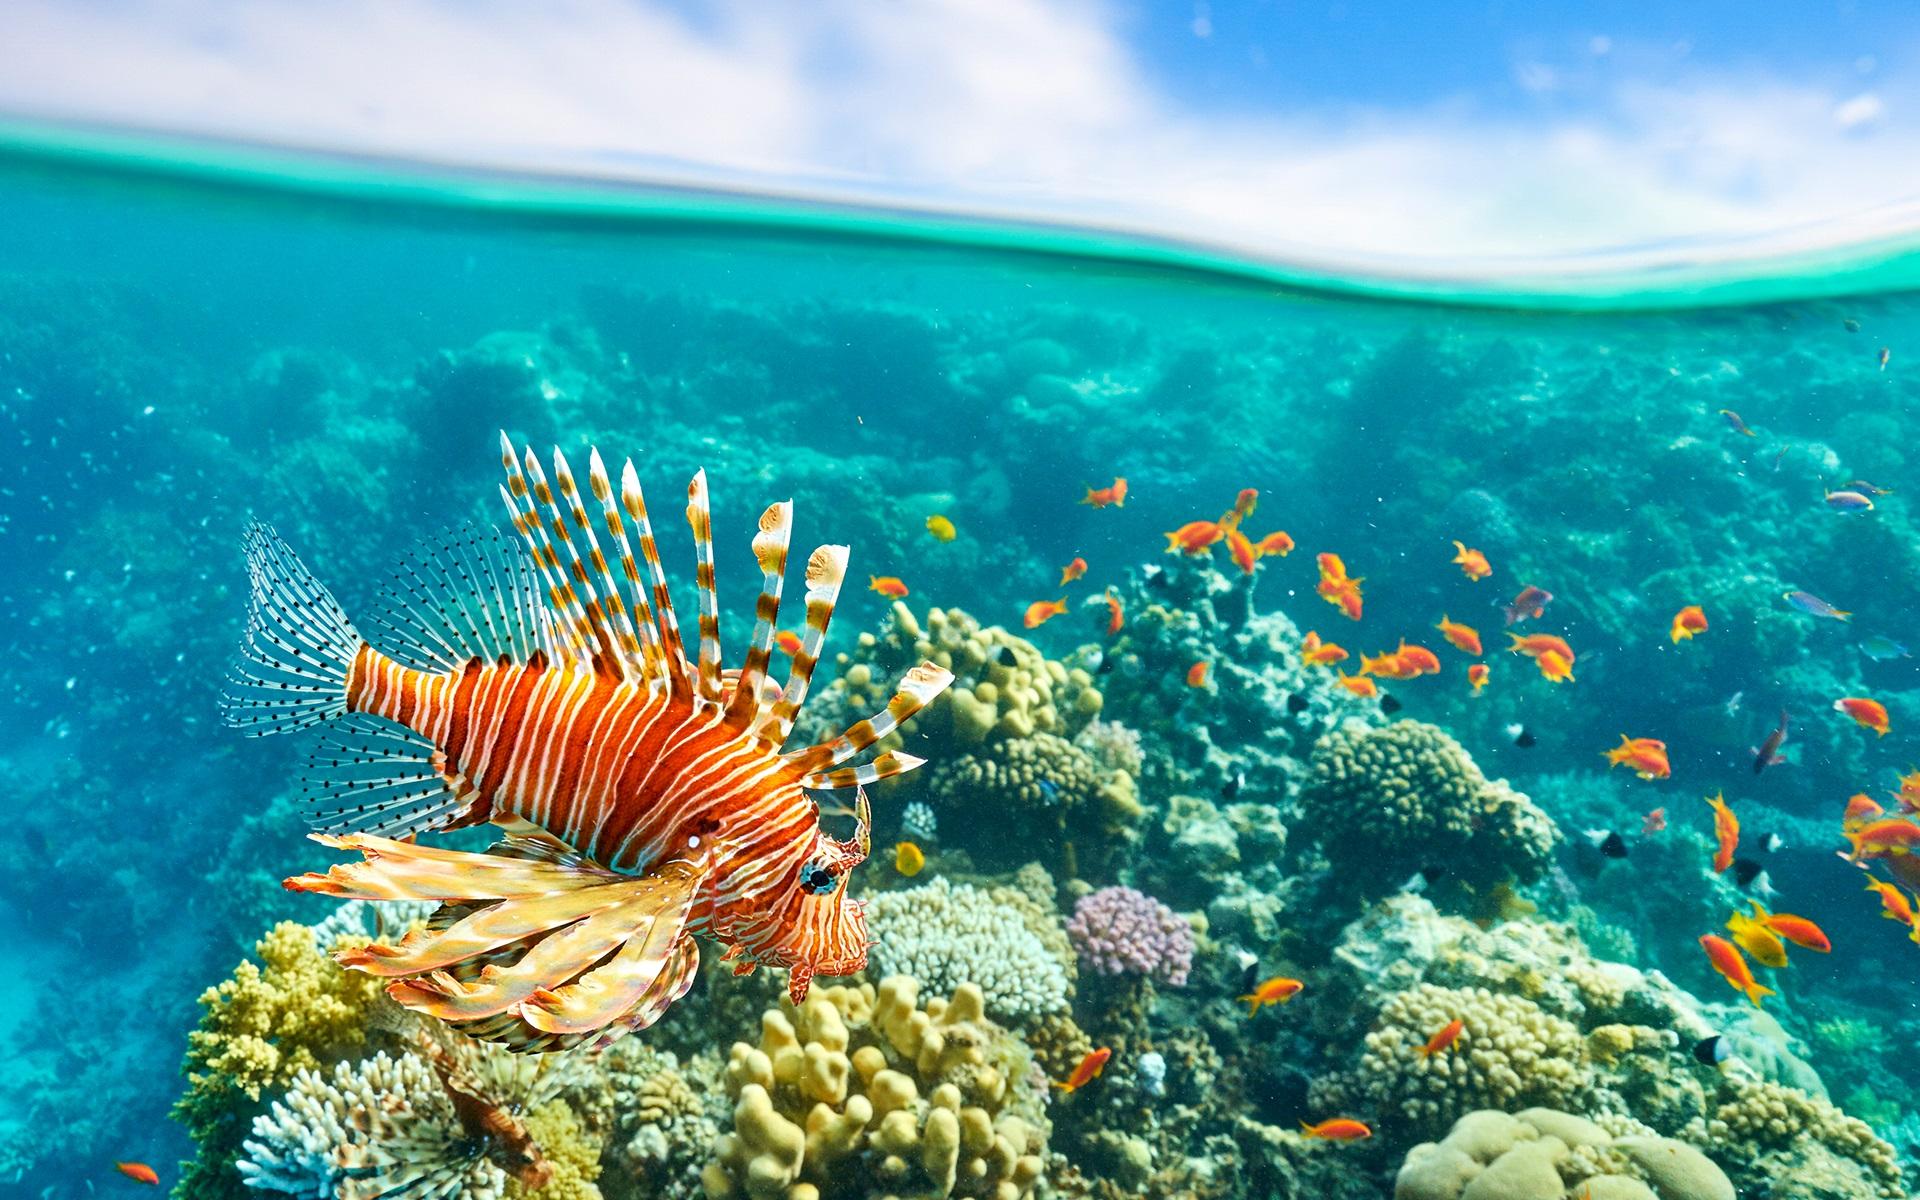 Vẻ đẹp của loài cá này tỉ lệ thuận với chất độc của nó